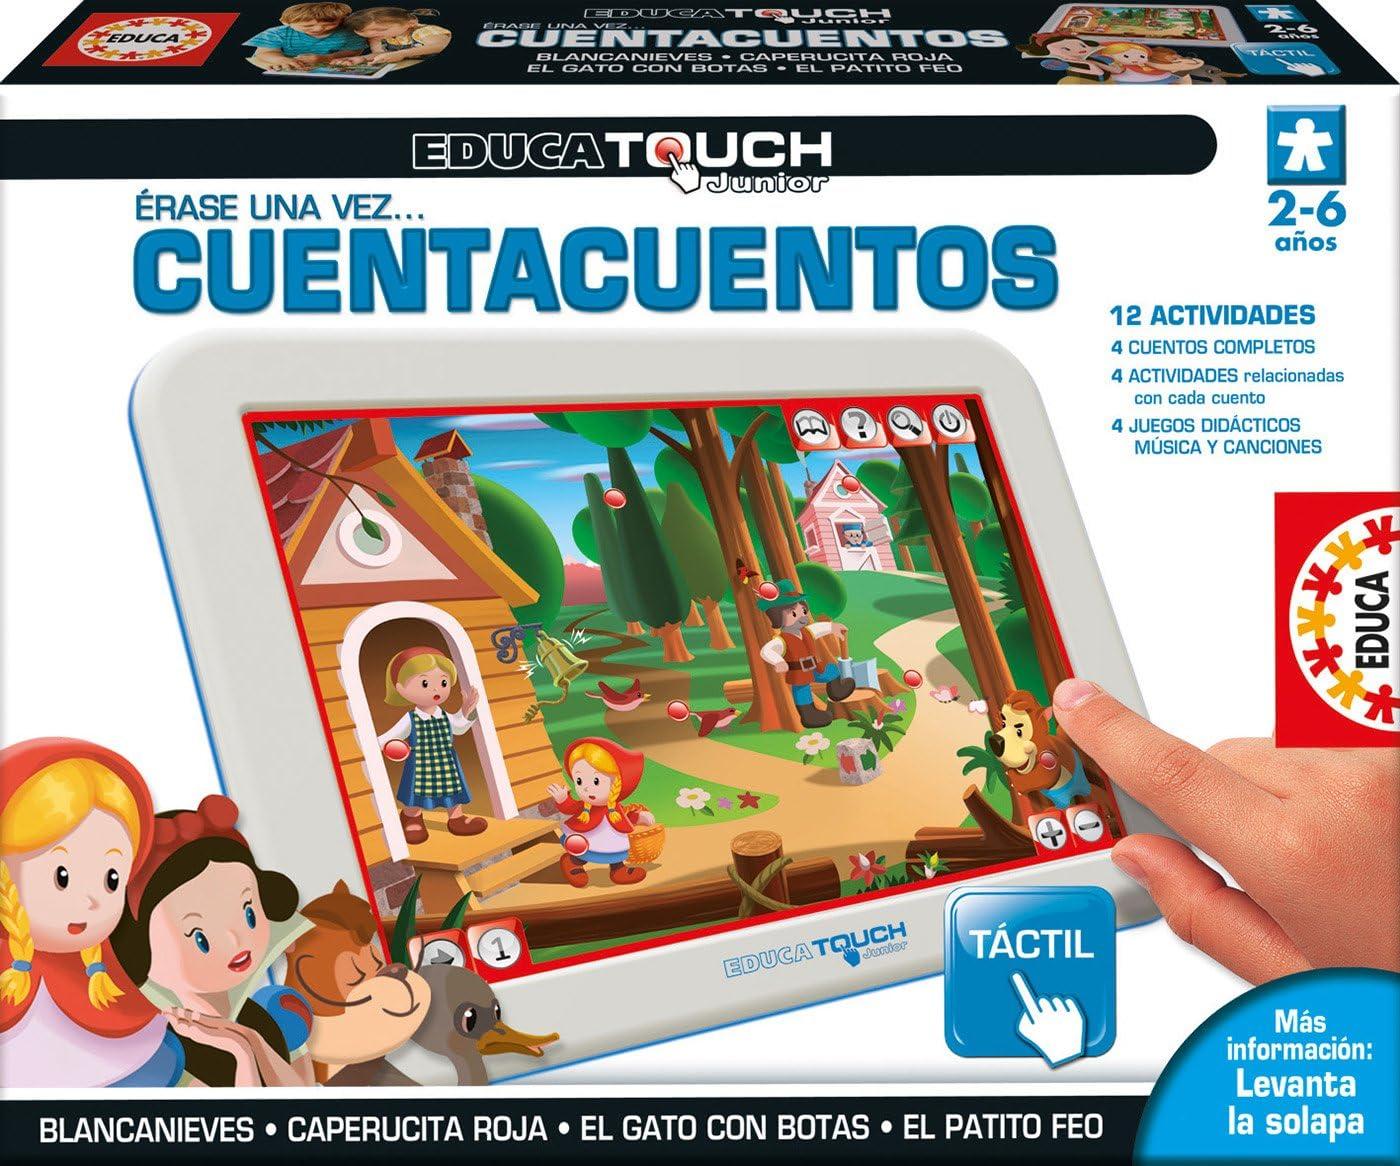 Educa - EducaTouch Junior Érase Una Vez...Cuentacuentos, con música y canciones, Juego educativo para niños, A partir de 24 meses, Ref.15746